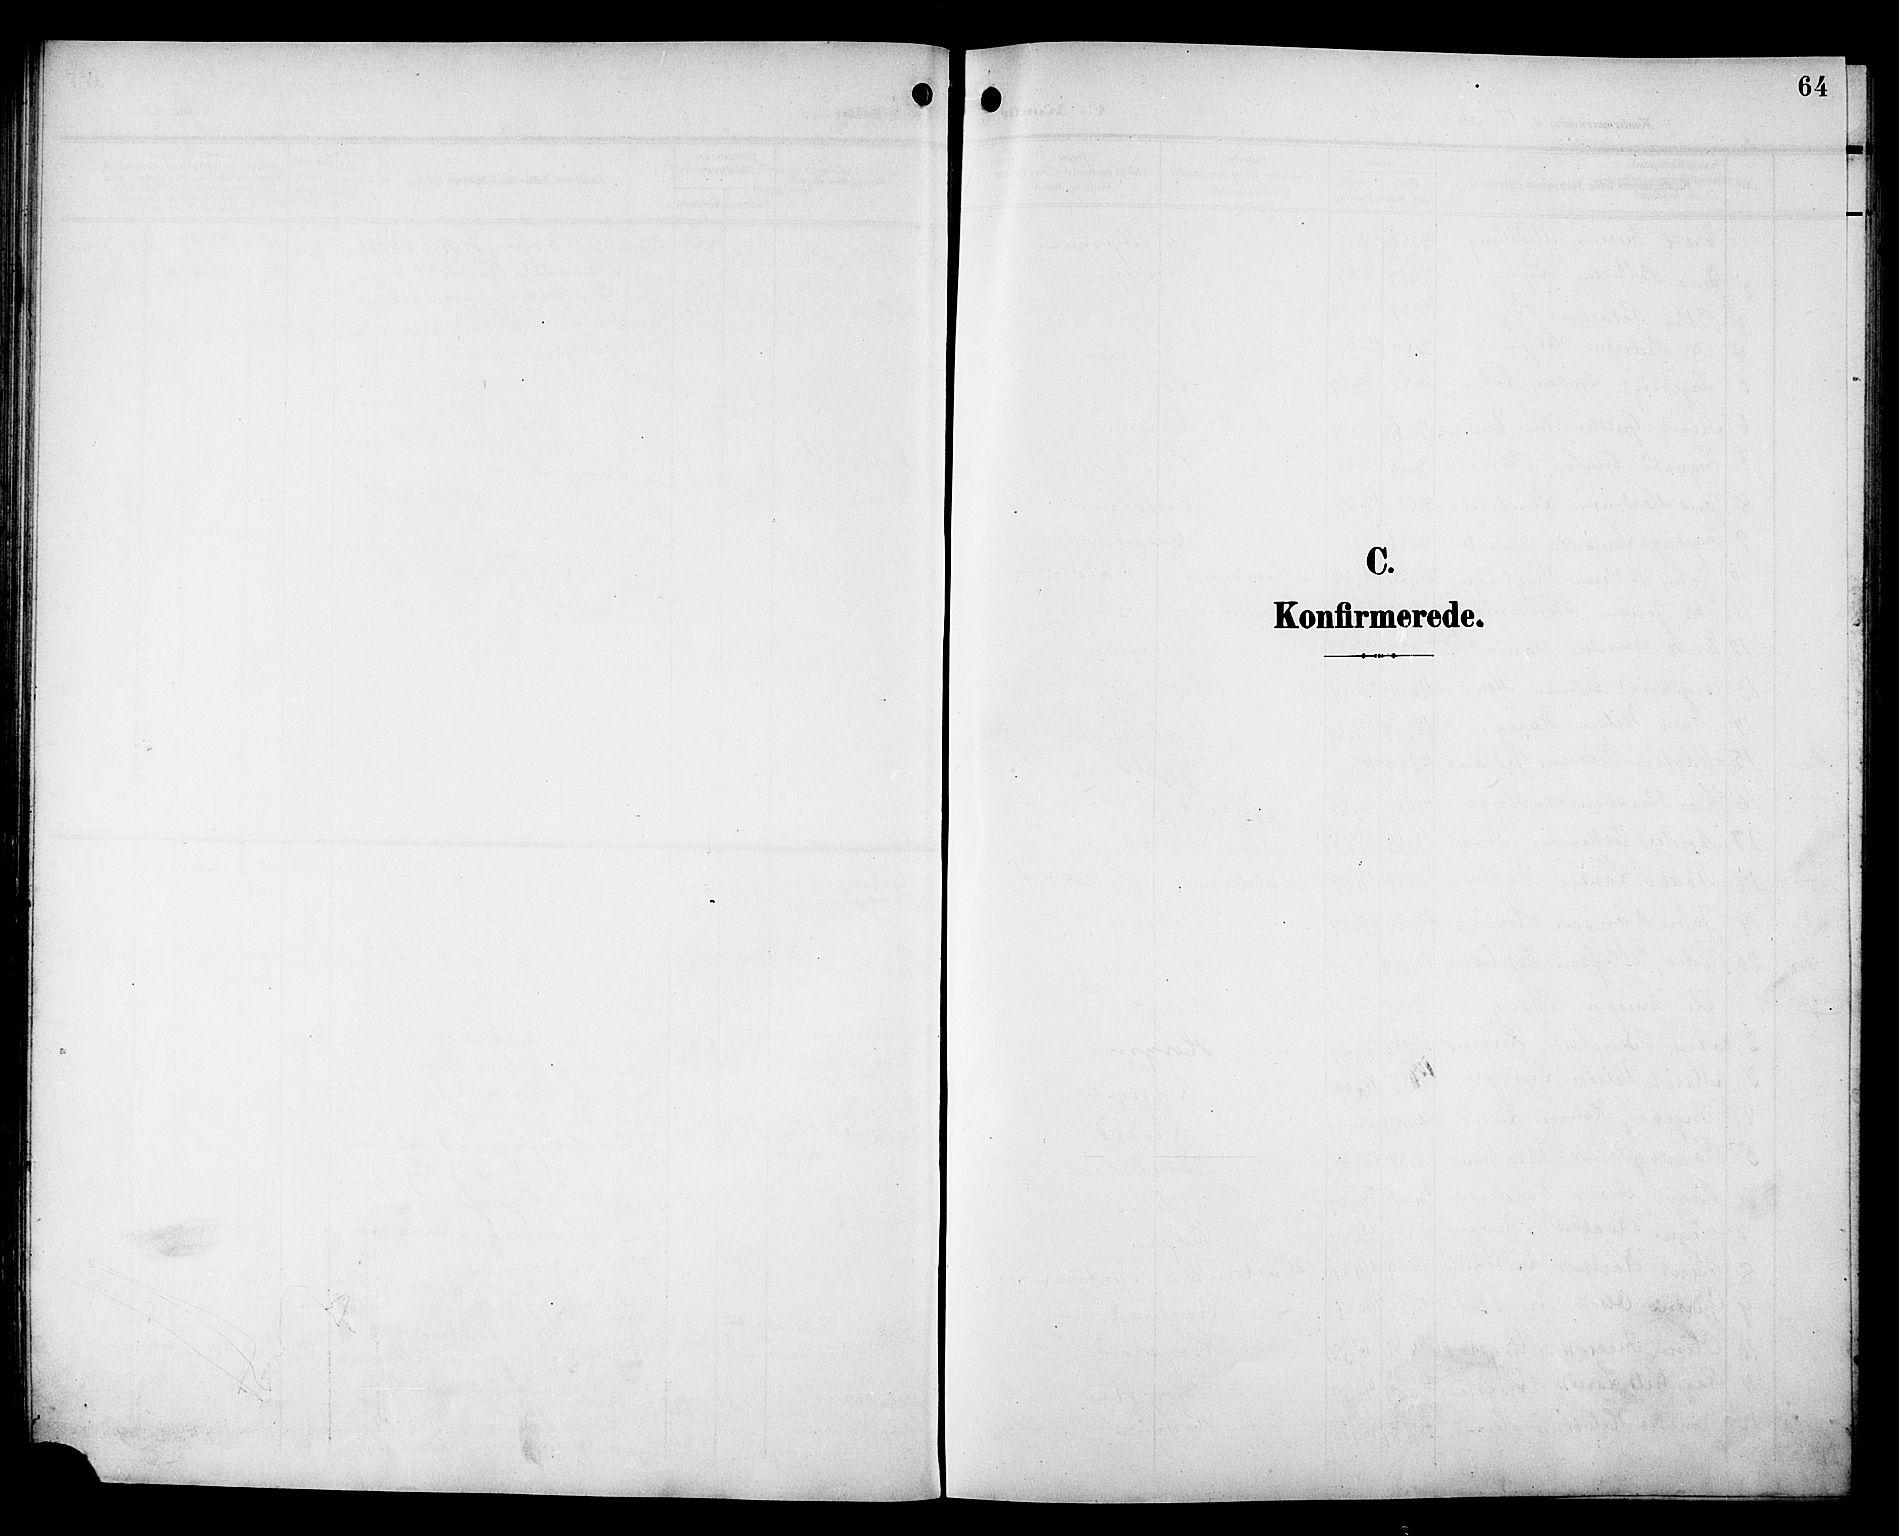 SAT, Ministerialprotokoller, klokkerbøker og fødselsregistre - Sør-Trøndelag, 692/L1112: Klokkerbok nr. 692C07, 1904-1918, s. 64